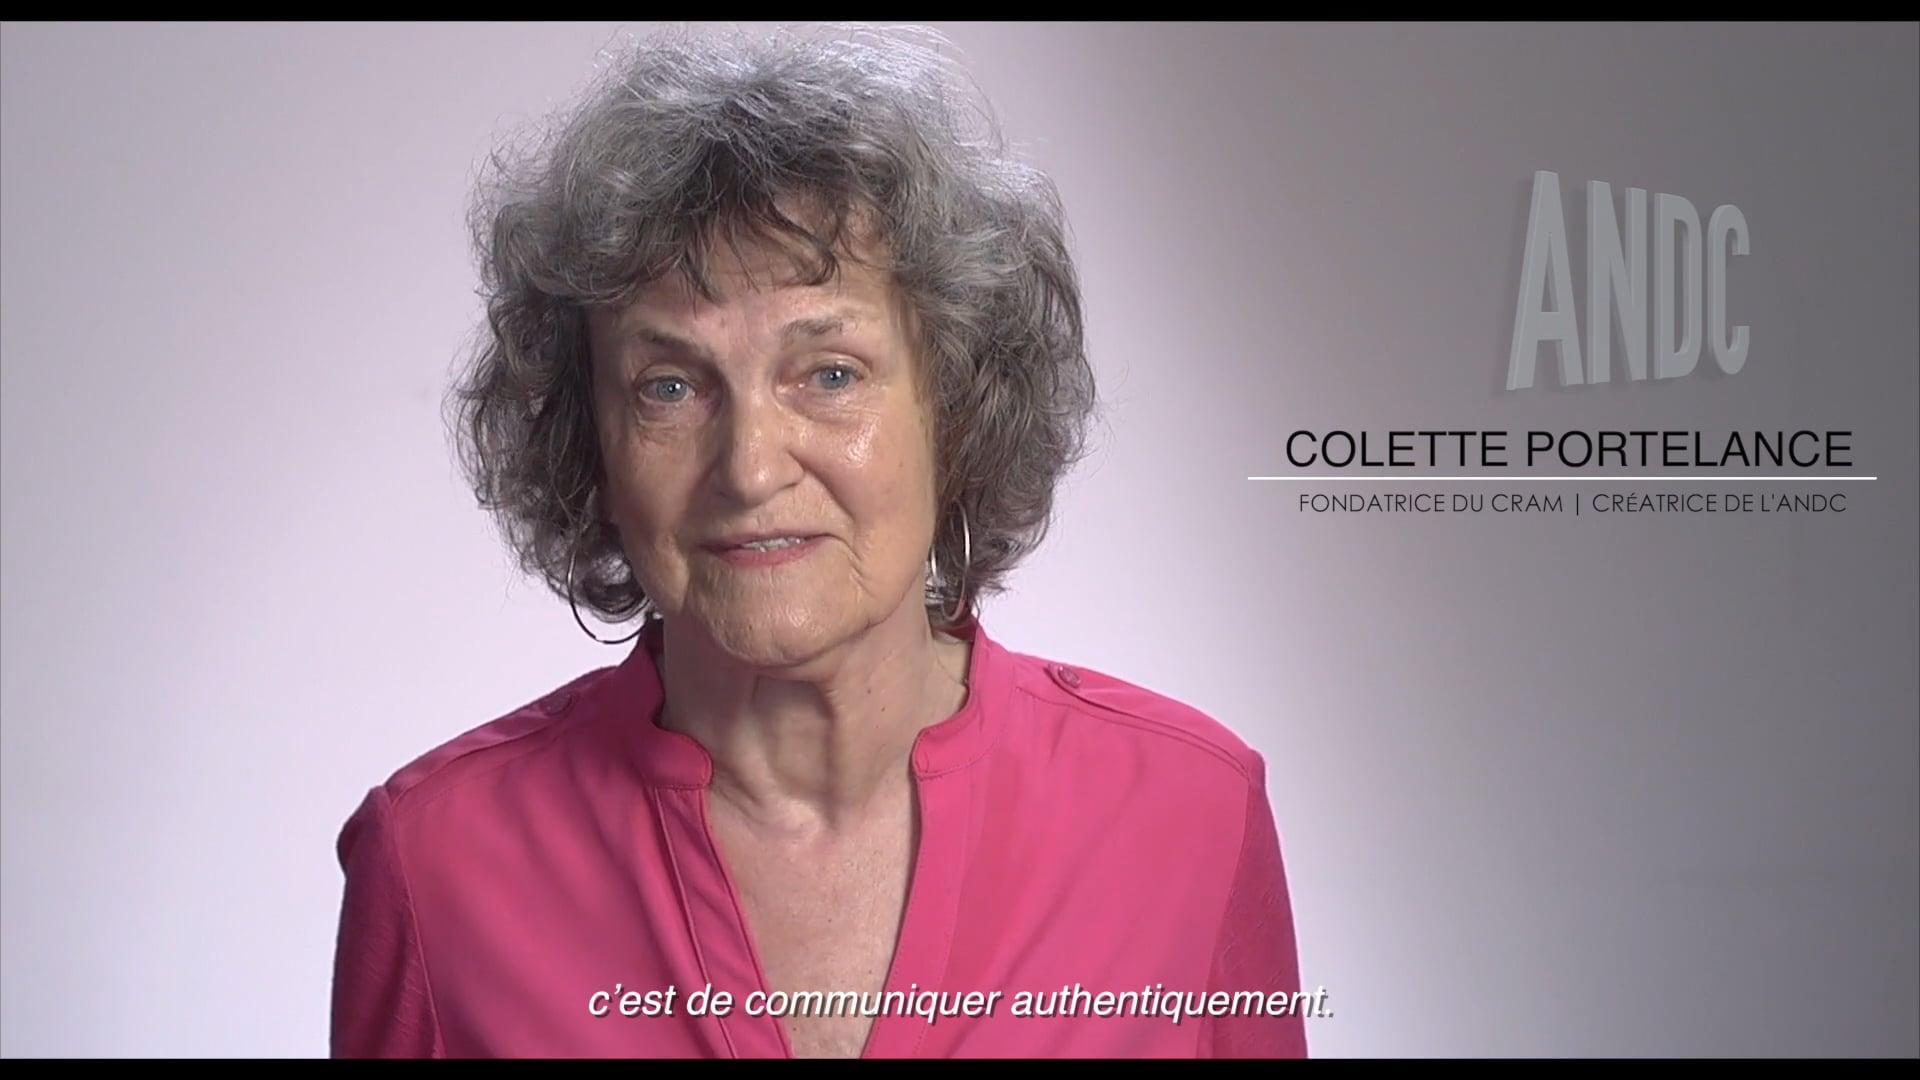 Colette Portelance : comment écouter l'autre ?